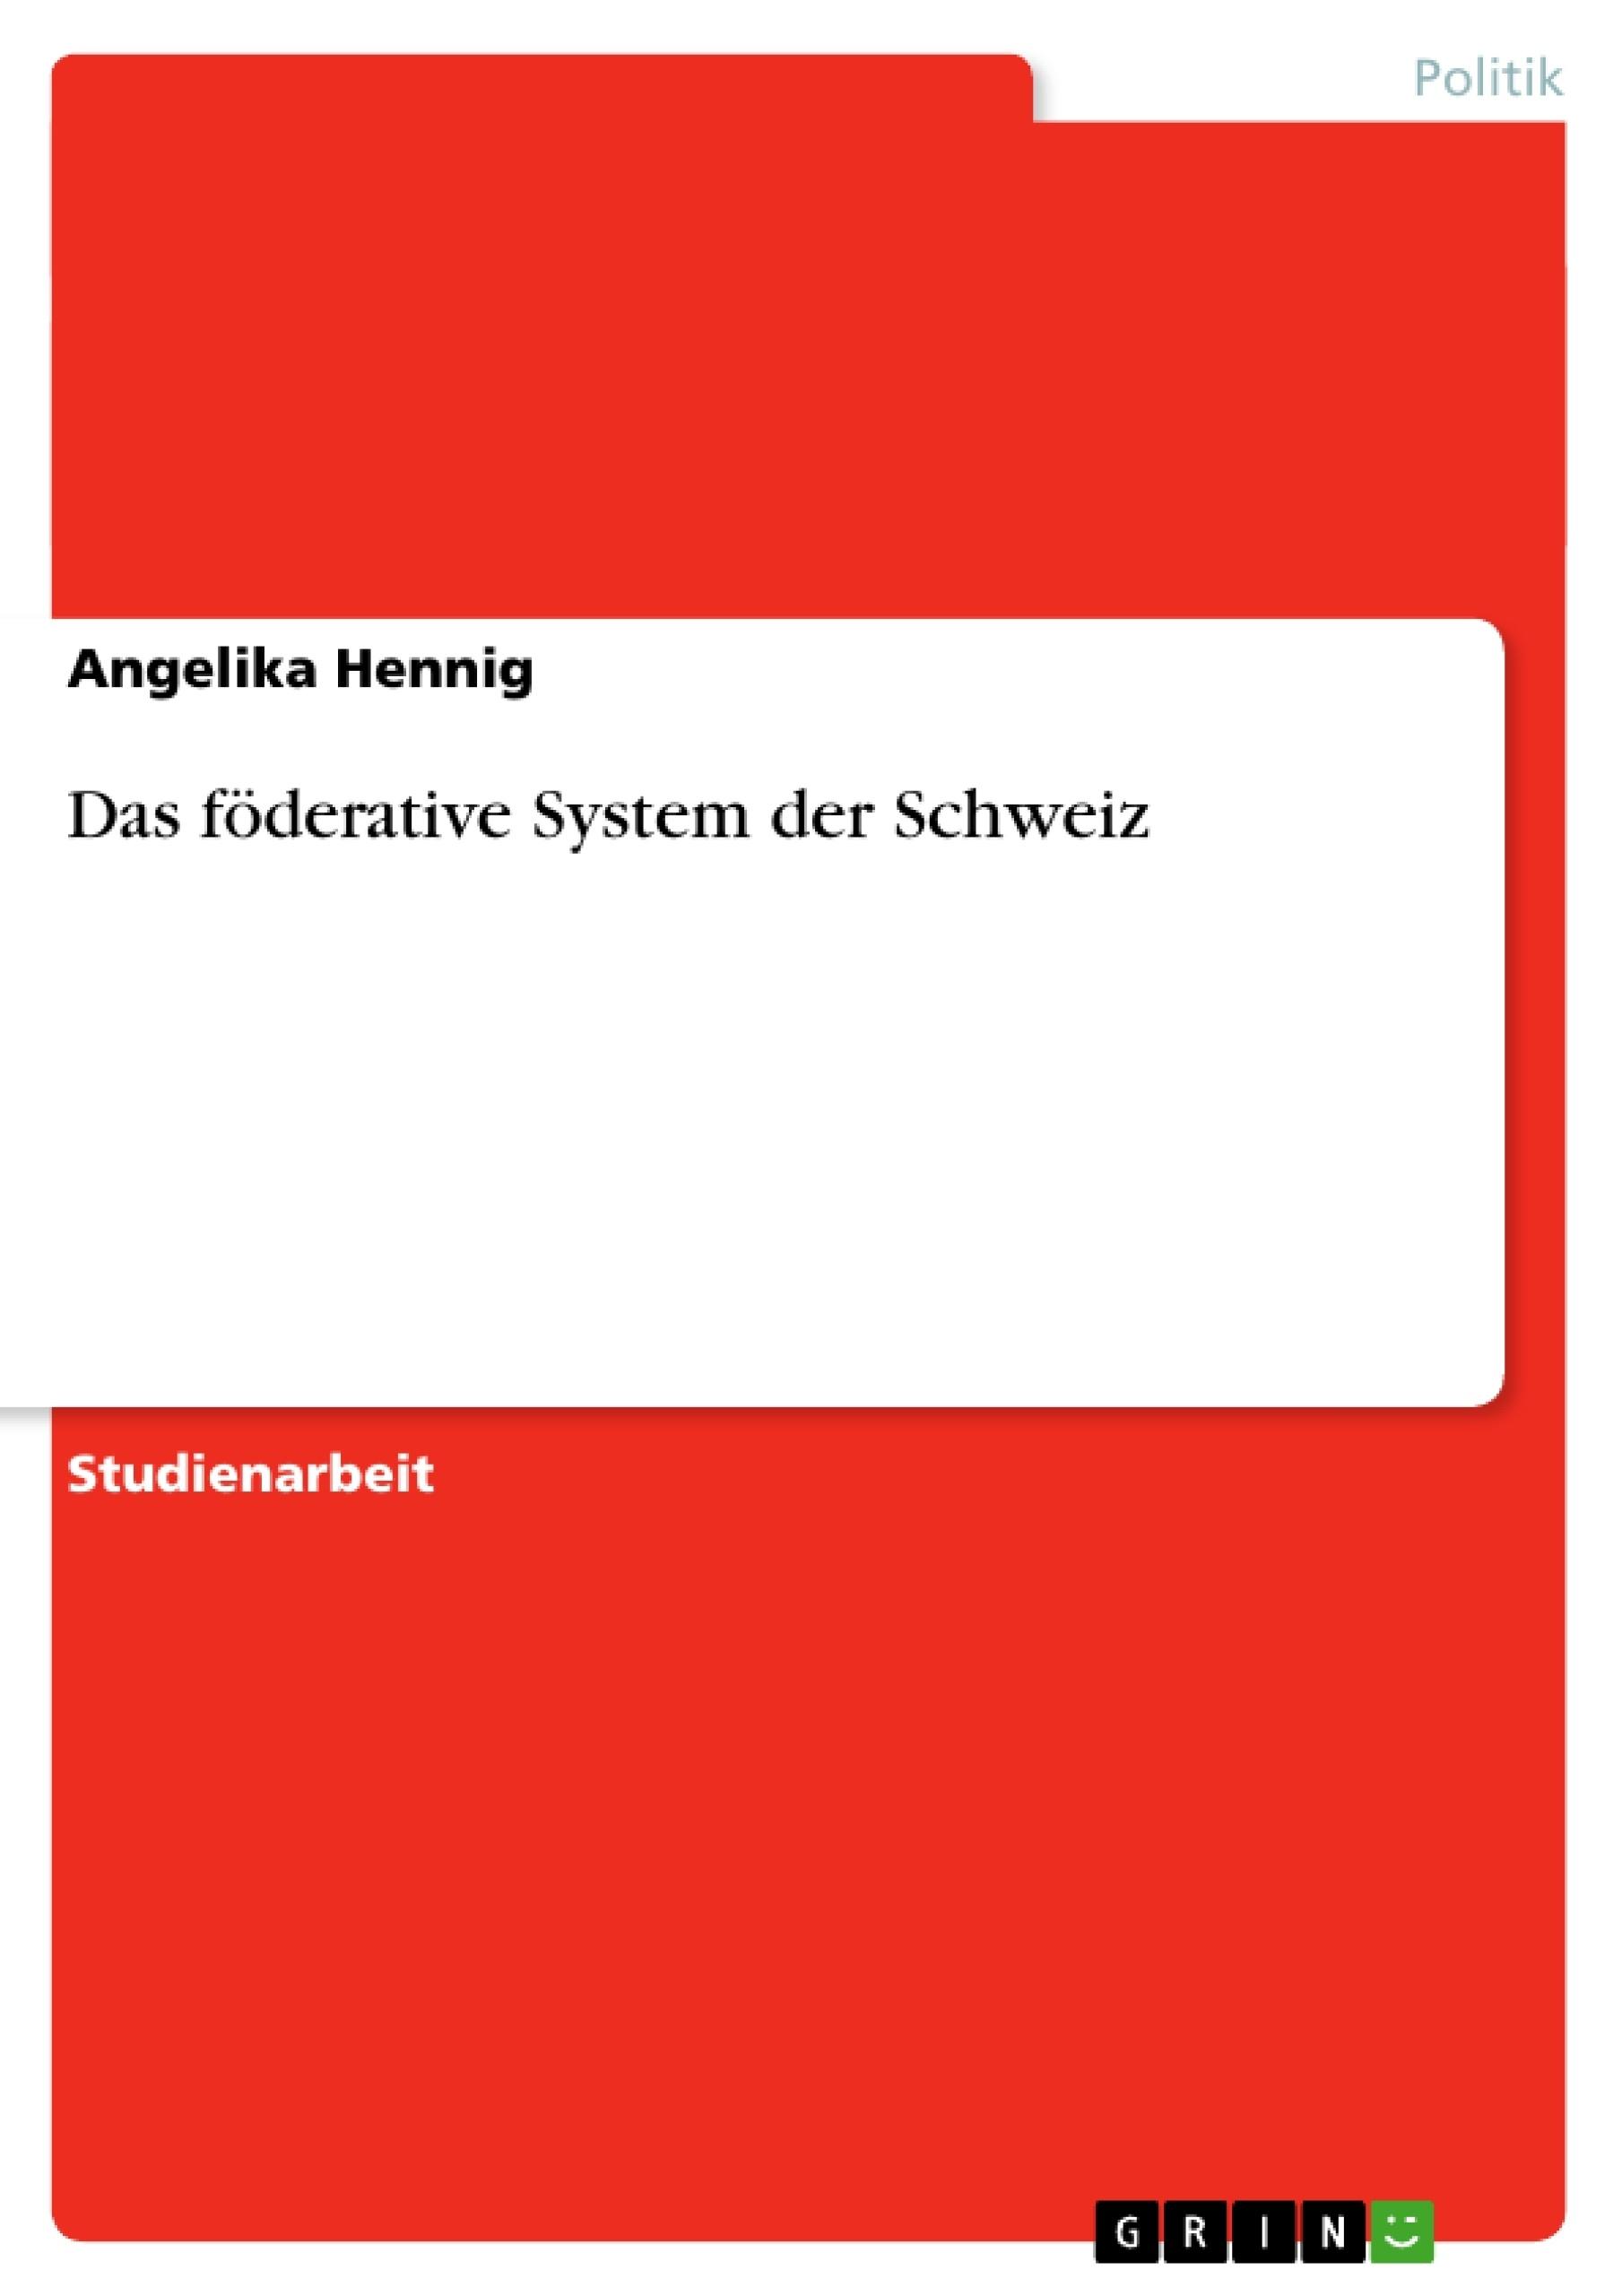 Titel: Das föderative System der Schweiz